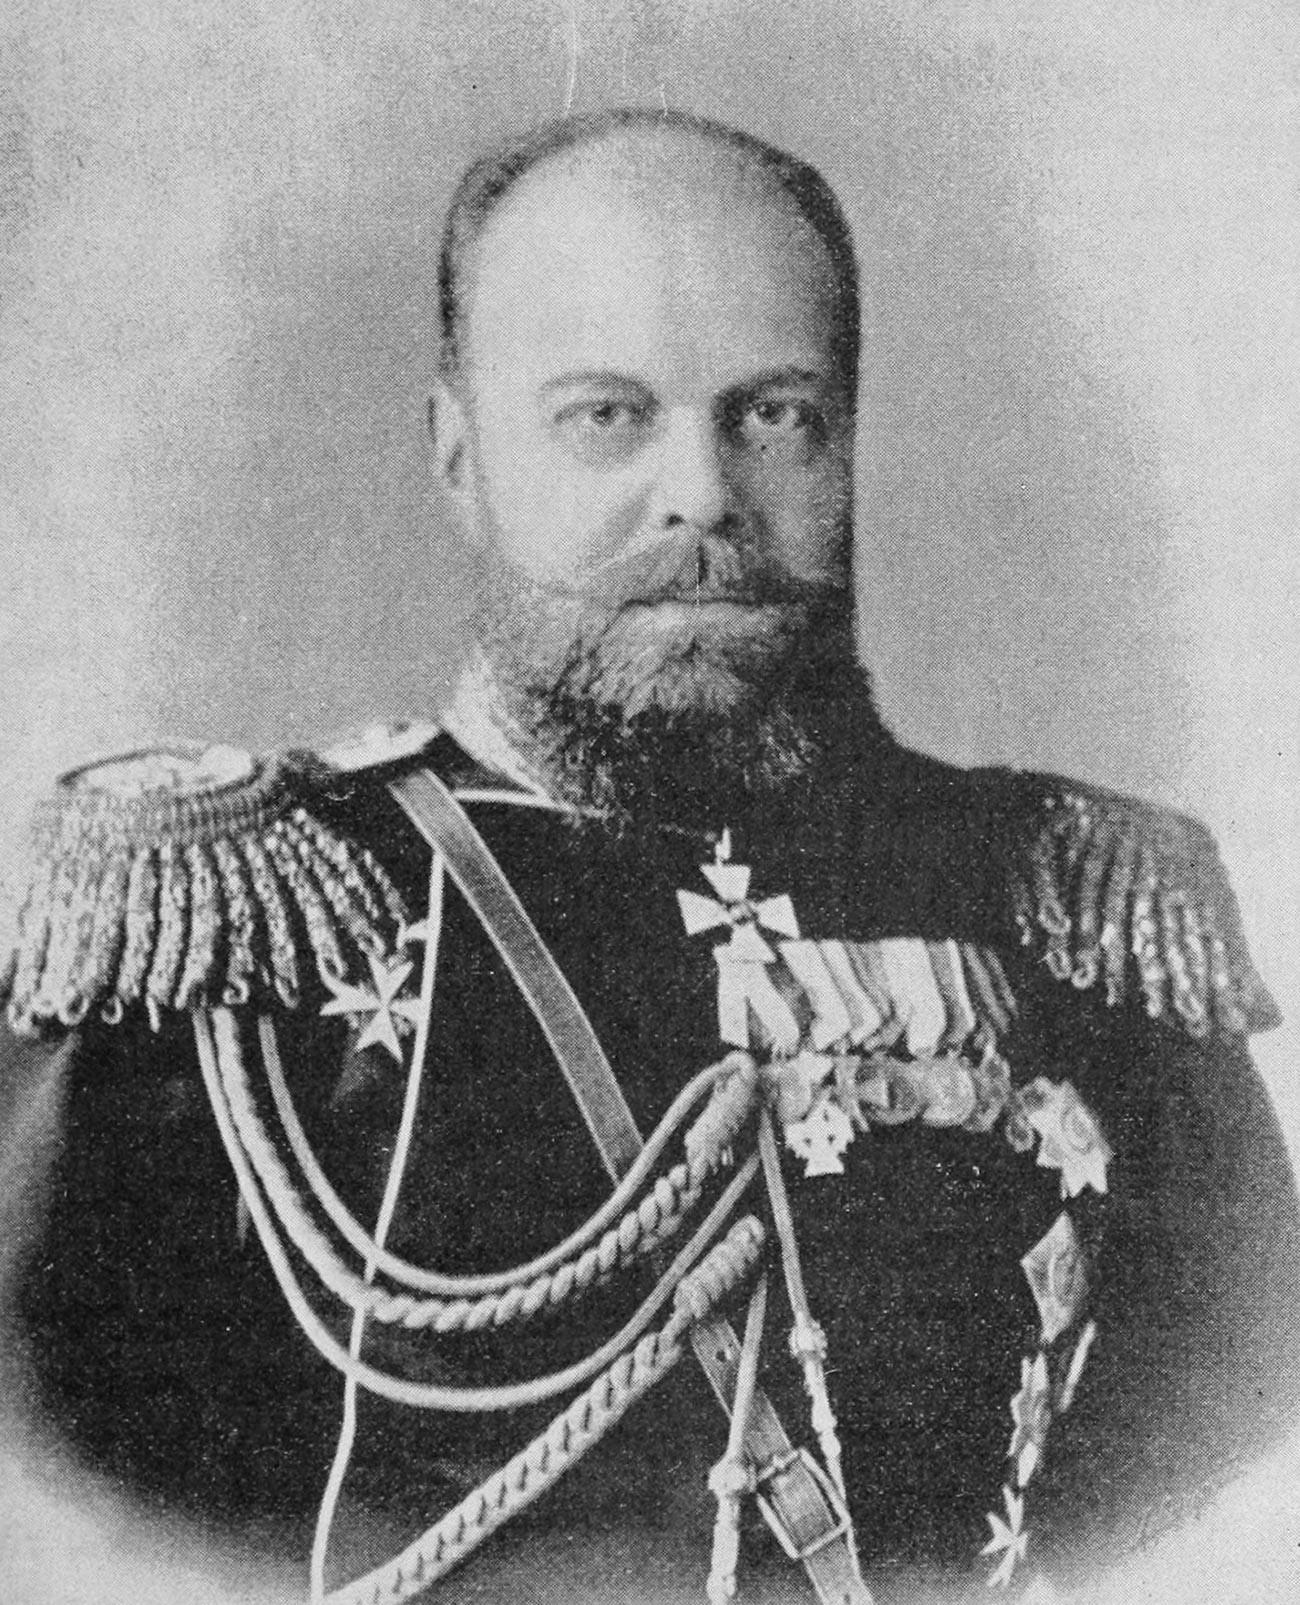 The Czar of Russia (Alexander III of Russia).